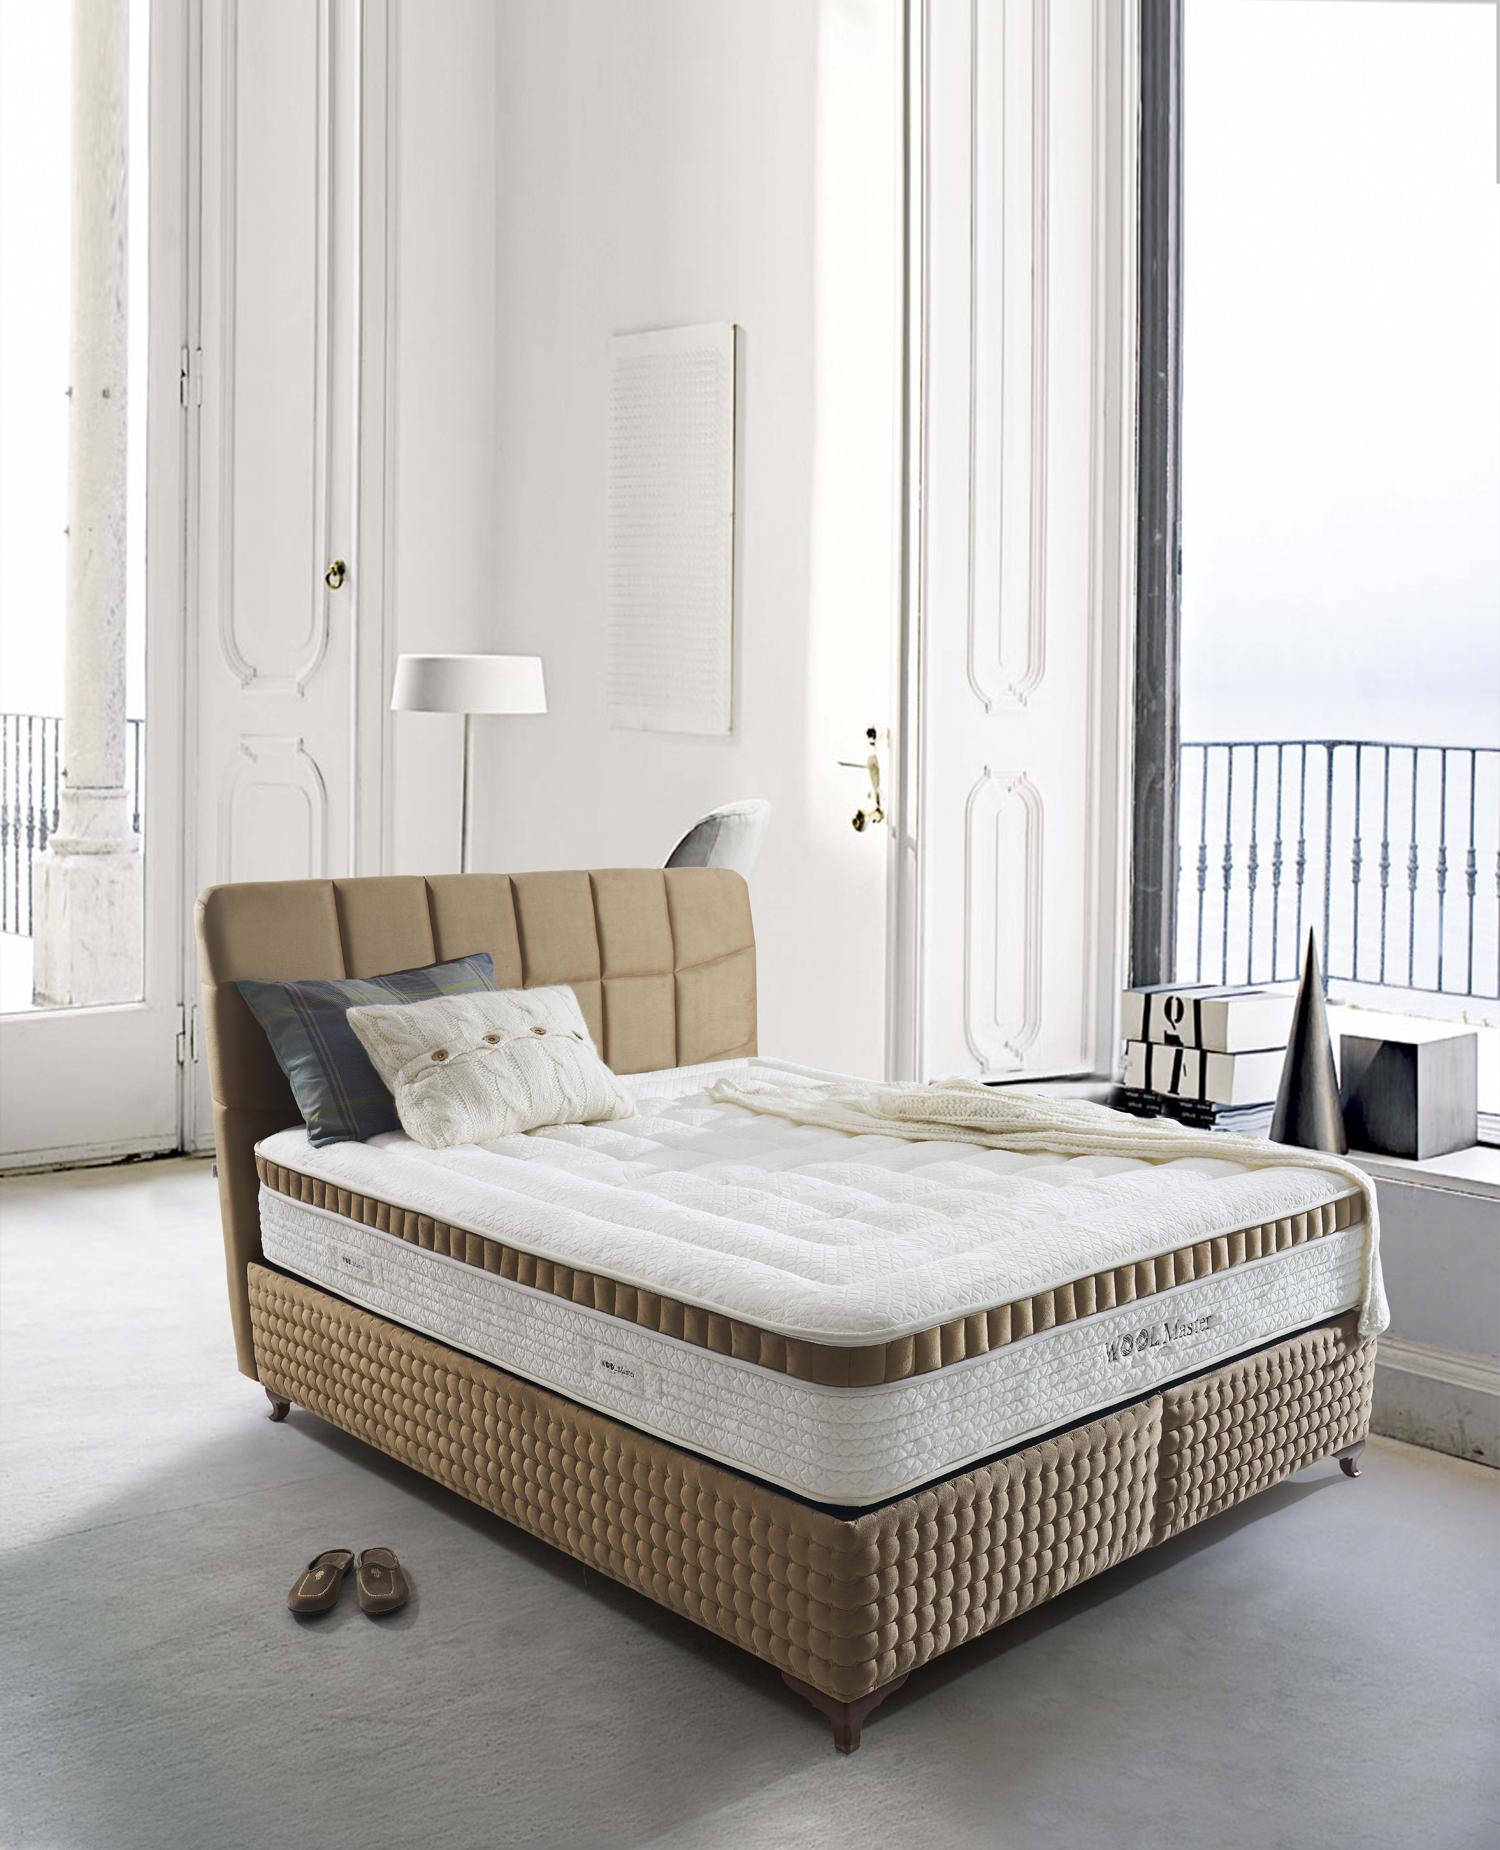 woolmaster matratze yuvam m belhaus in wuppertal cilek offizieller h ndler in europa. Black Bedroom Furniture Sets. Home Design Ideas